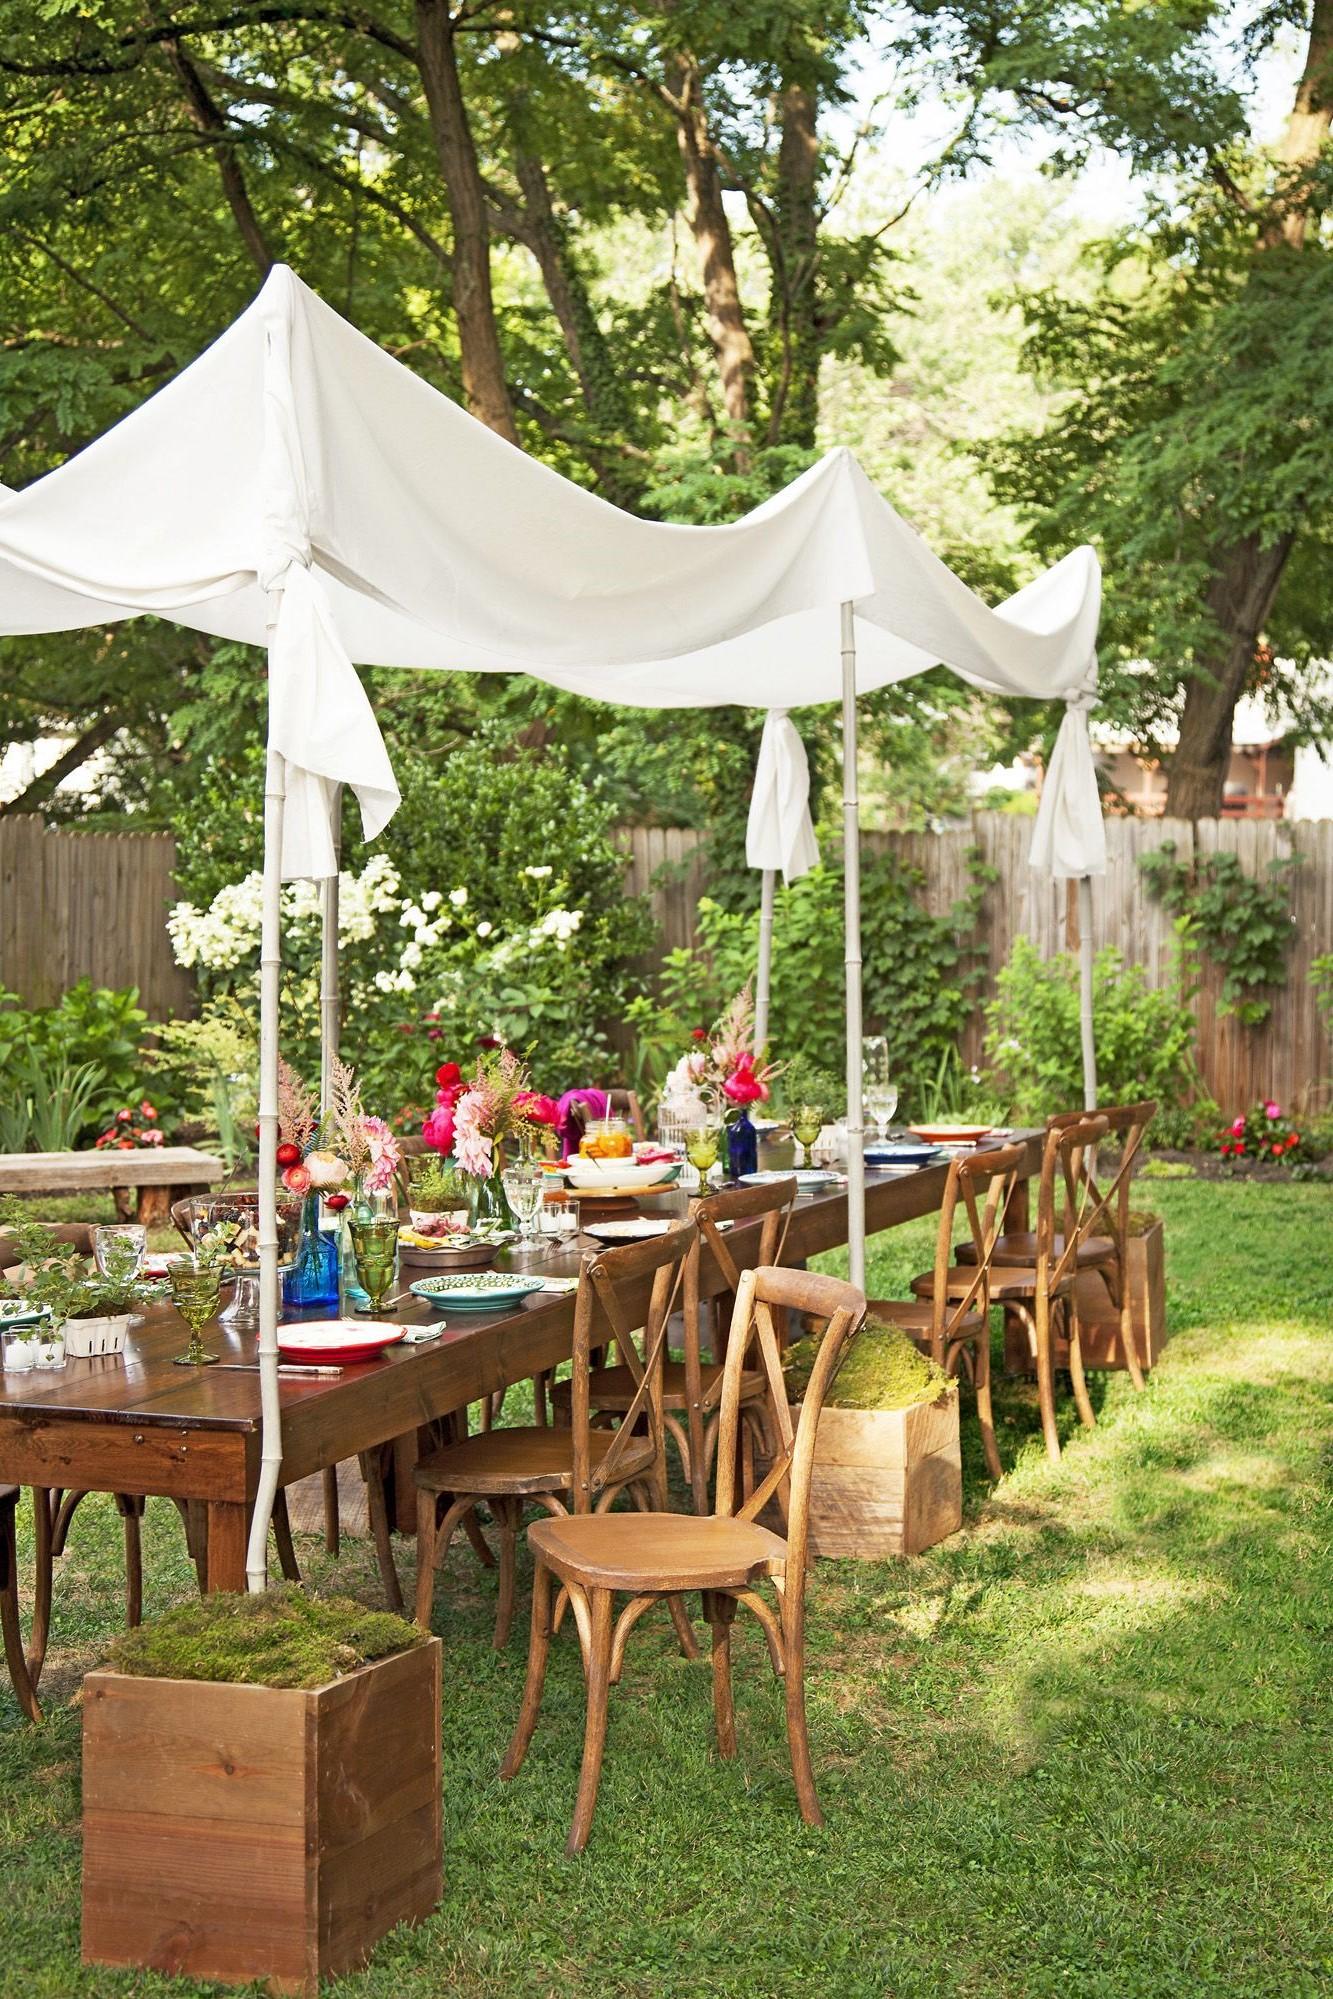 Configurez la meilleure table de salle à manger extérieure de tous les temps.